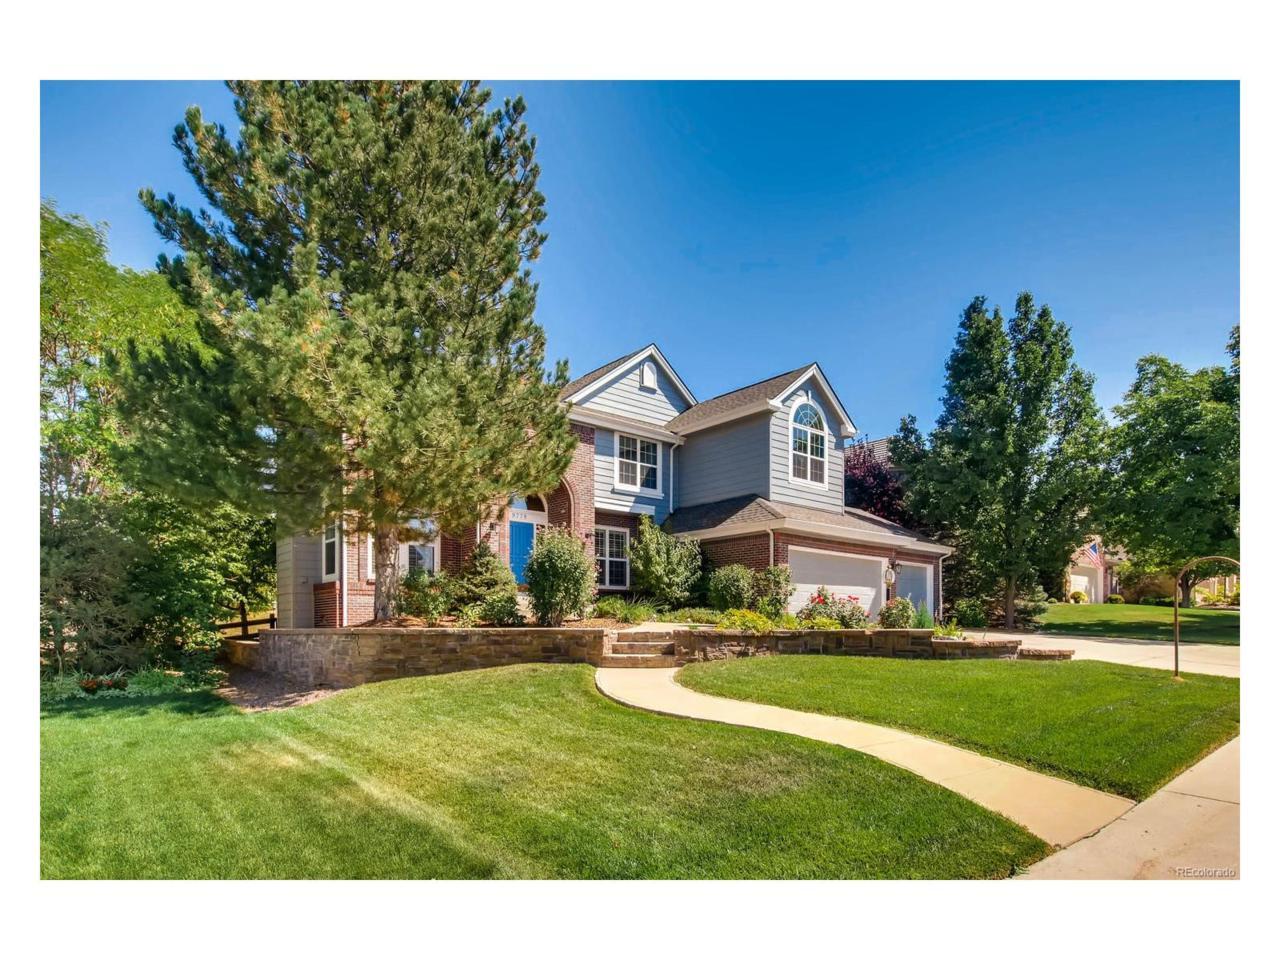 9778 Isabel Court, Highlands Ranch, CO 80126 (MLS #9699044) :: 8z Real Estate